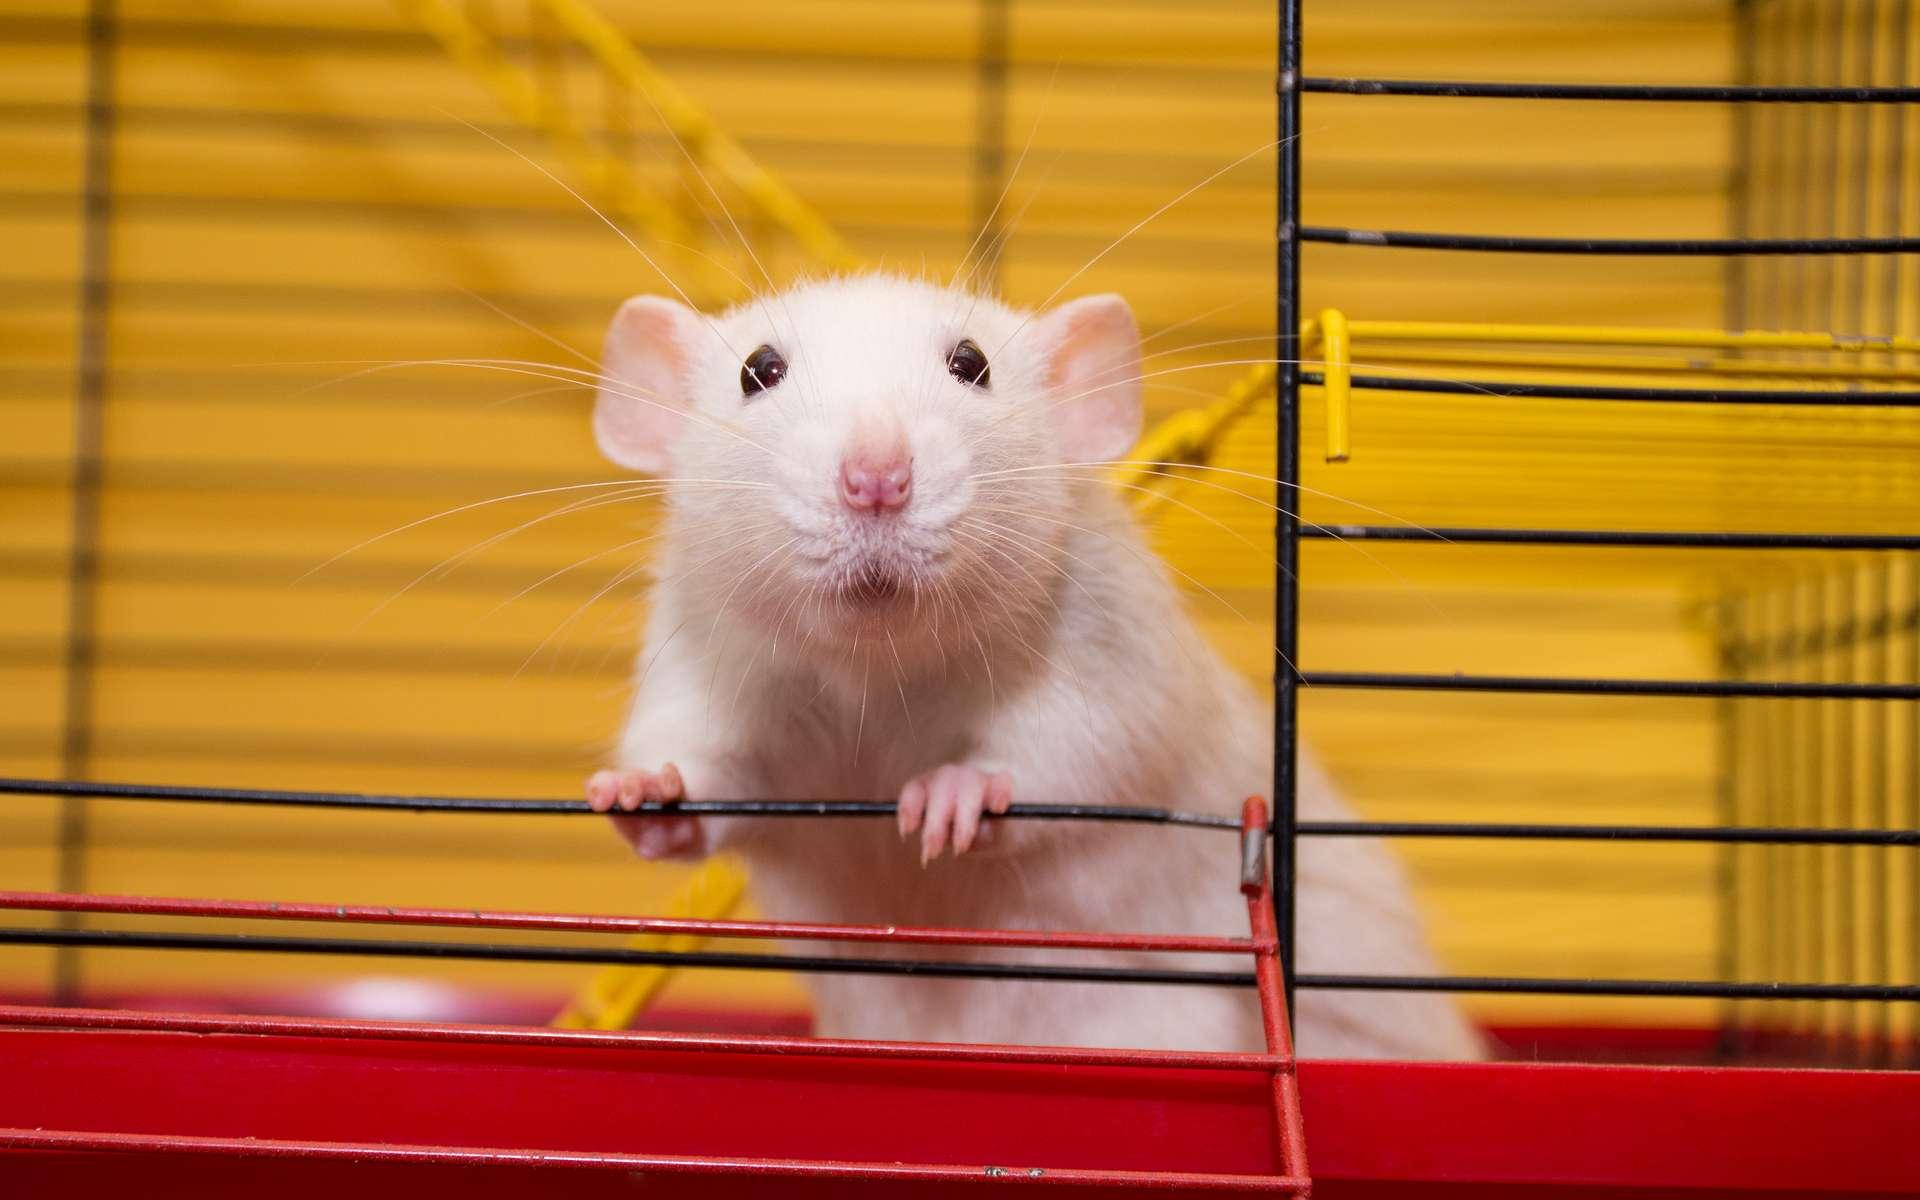 Des rats ont appris à conduire pour la première fois. © kurashova, adobestock